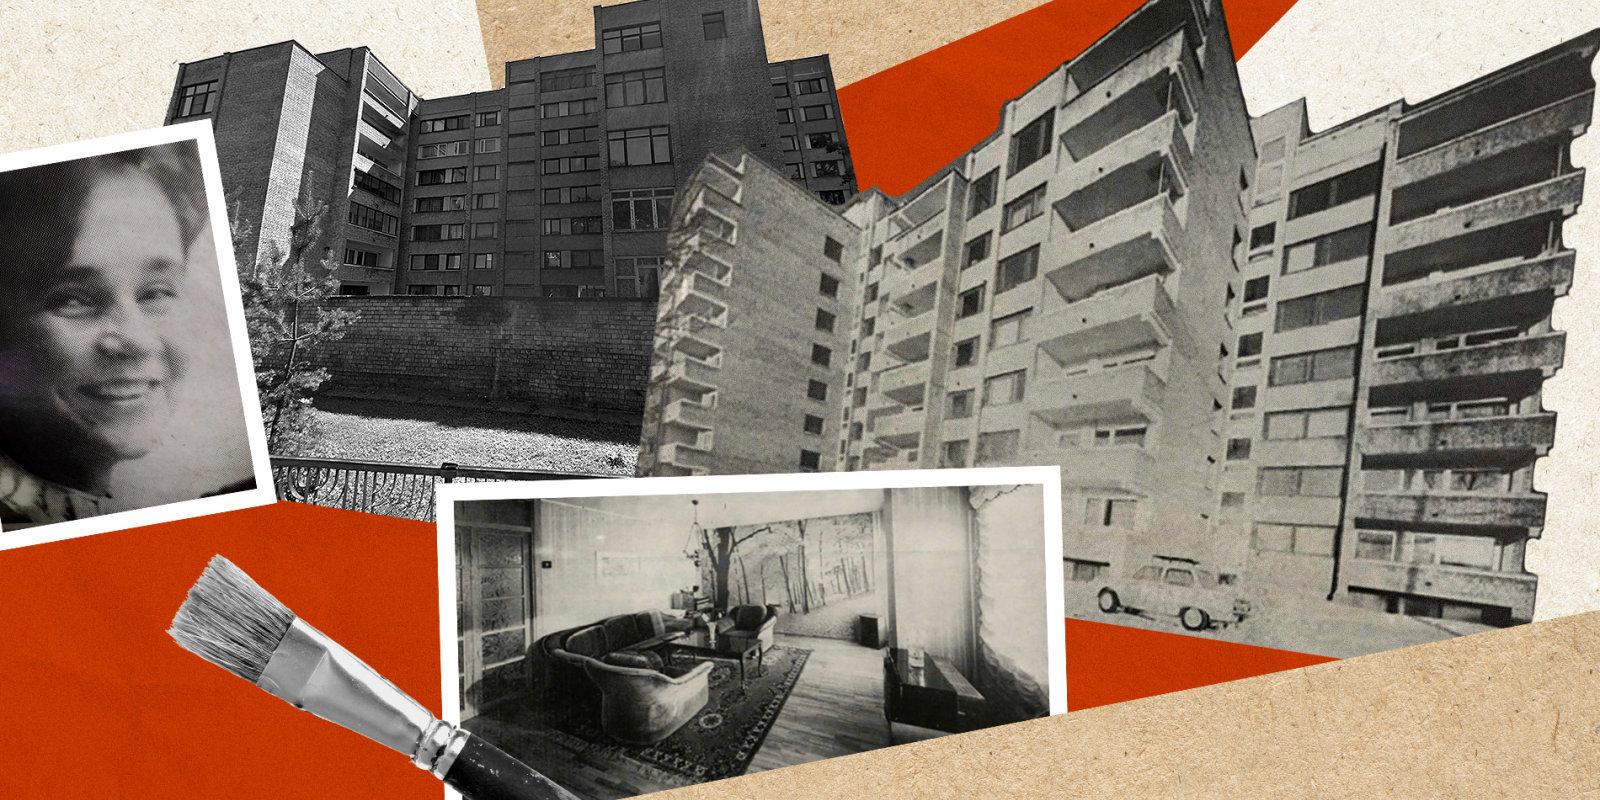 Milzu dzīvokļi un ambīcijas – komponistu un mākslinieku dzīvojamajā namā Āgenskalnā